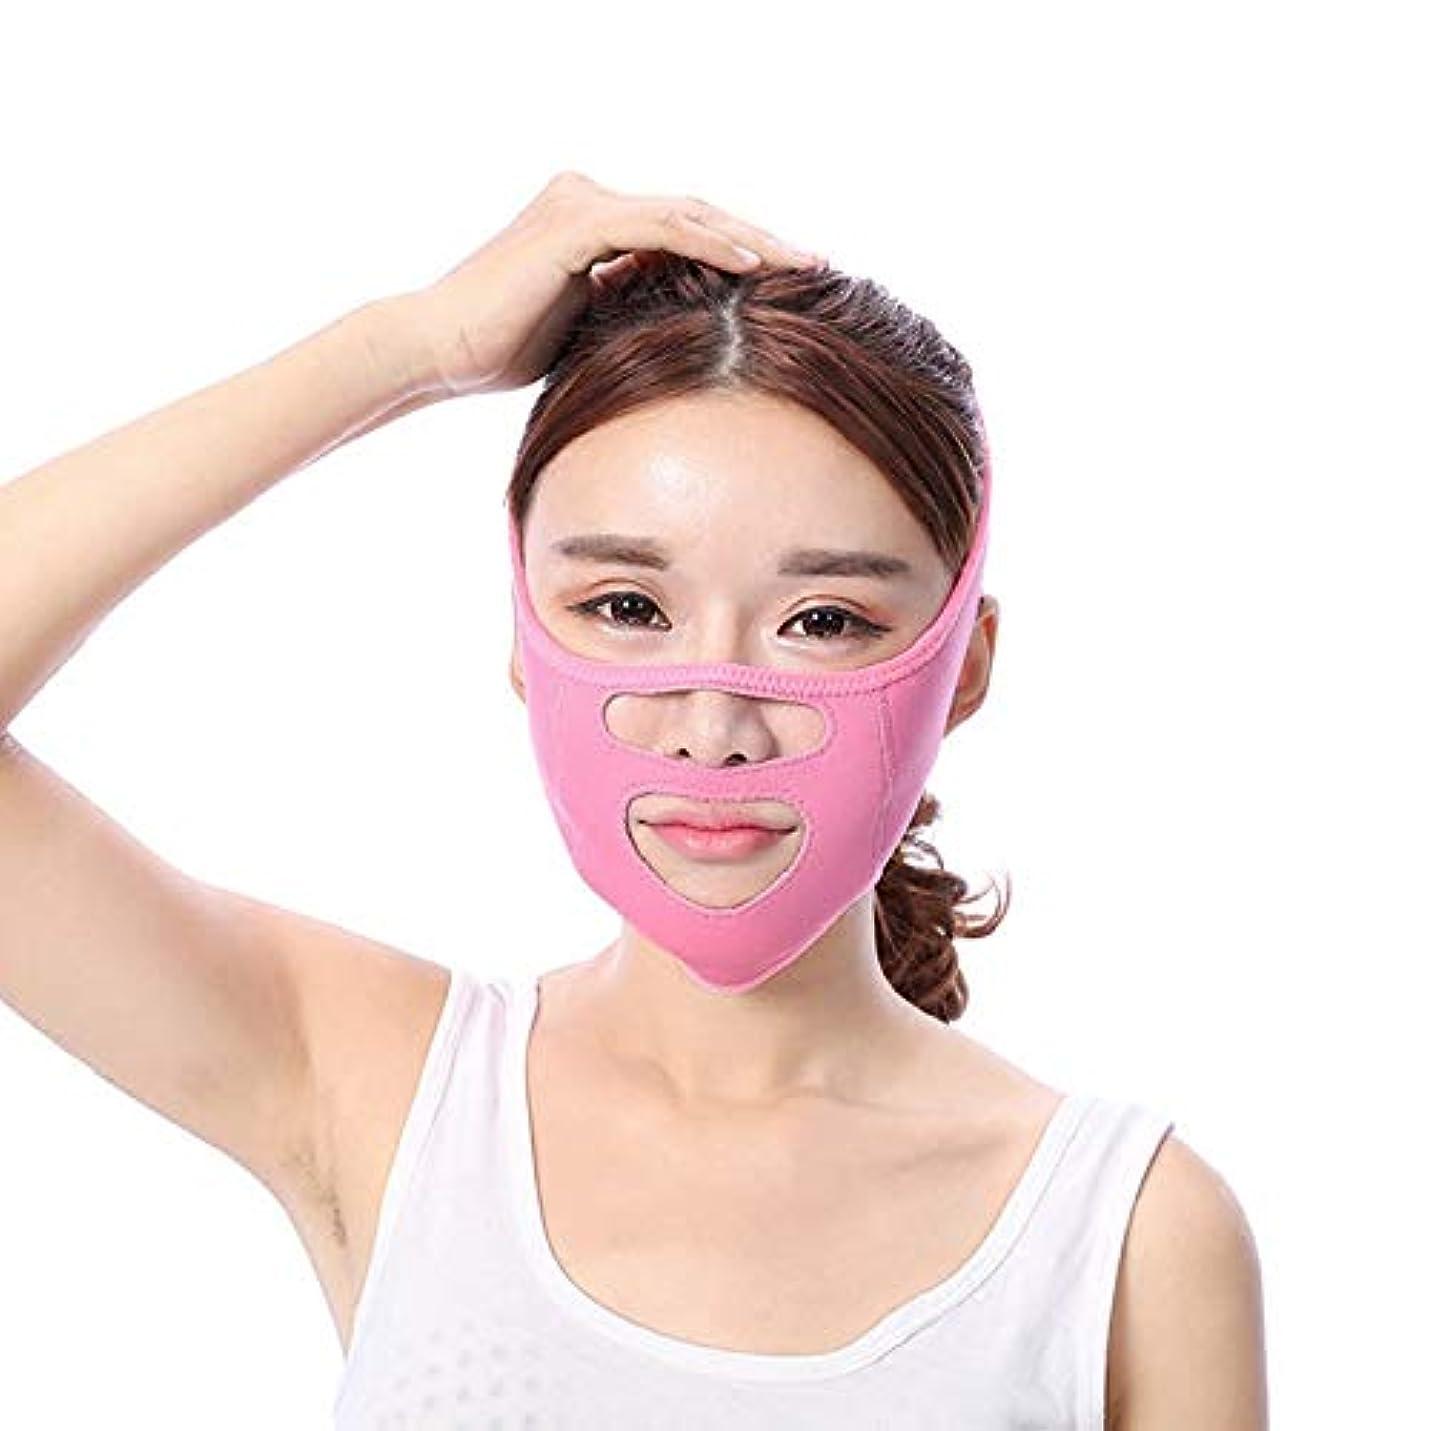 びっくりあえぎ落ち着くフェイスリフトベルトフェイスバンデージ美容機器リフティングファインディングダブルチン法令Vマスク睡眠マスク通気性 美しさ